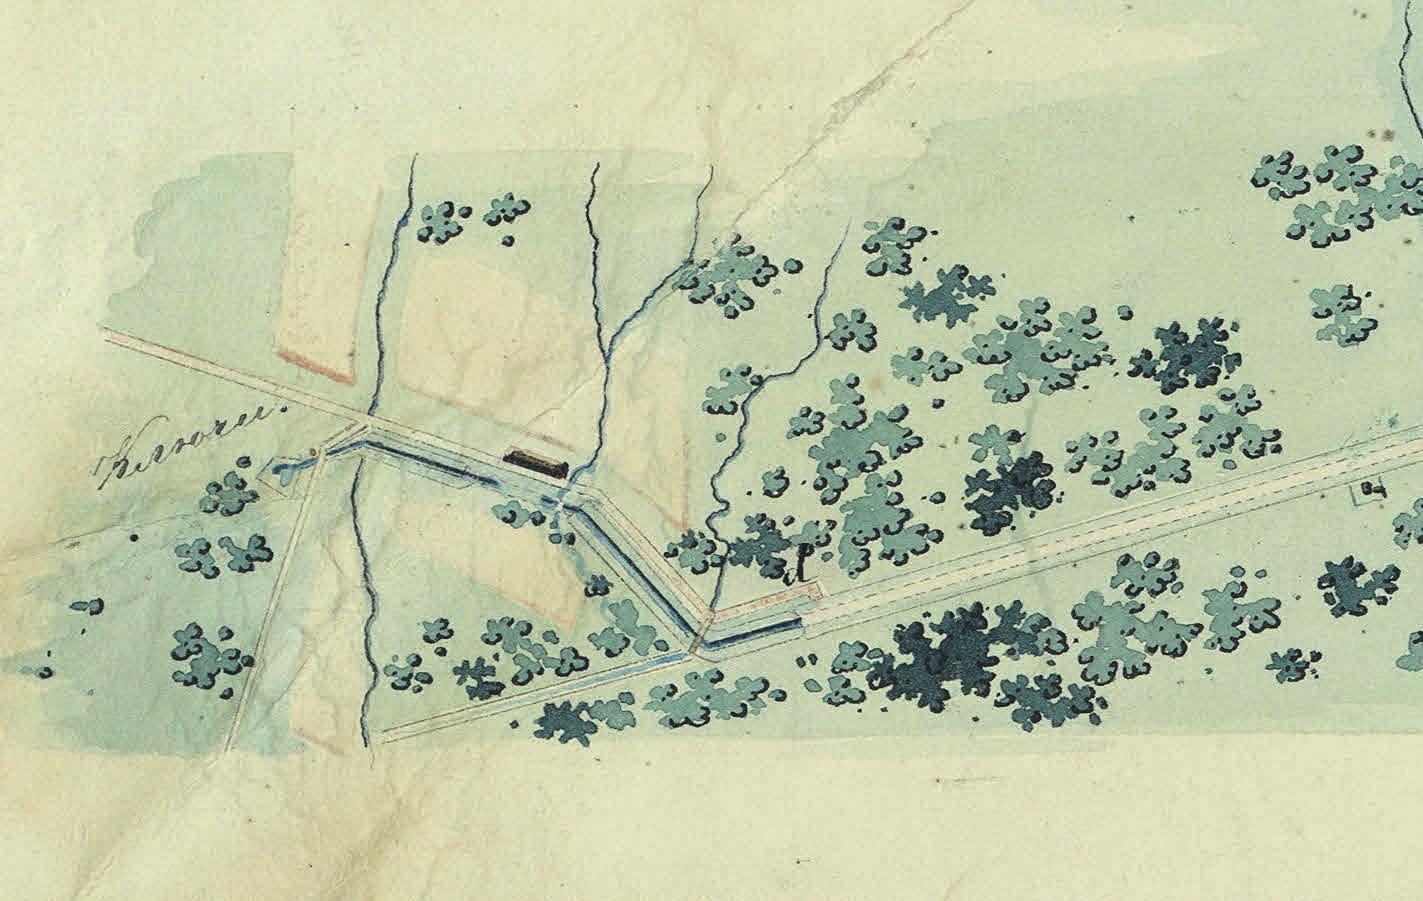 Фрагмент схемы Таицкого водопровода (1833). РГИА. Ф. 1487. Оп. 35. Д. 207. Л. 2